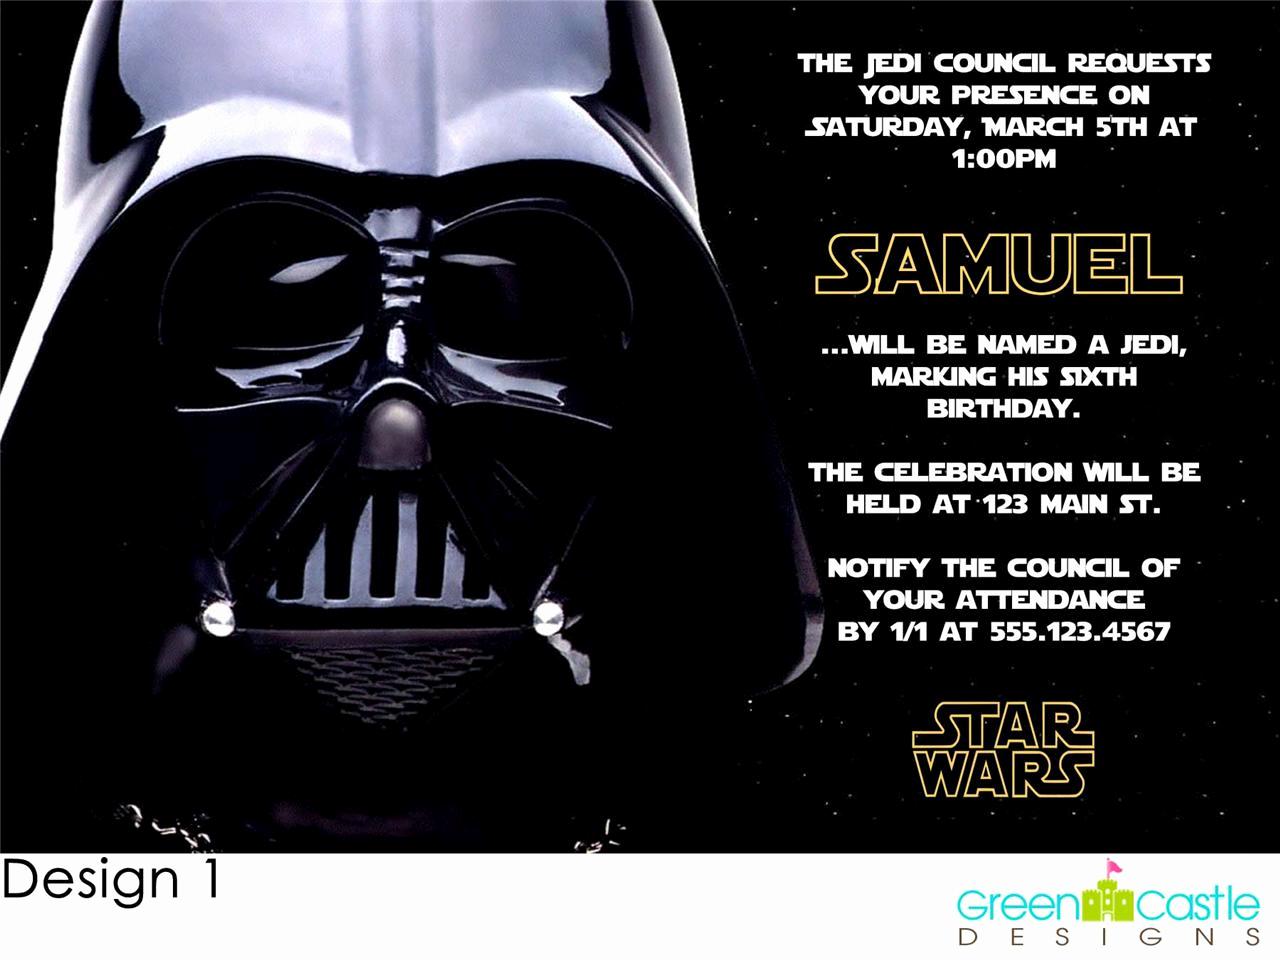 Star Wars Invitations Template New Free Star Wars Birthday Party Invitations Templates